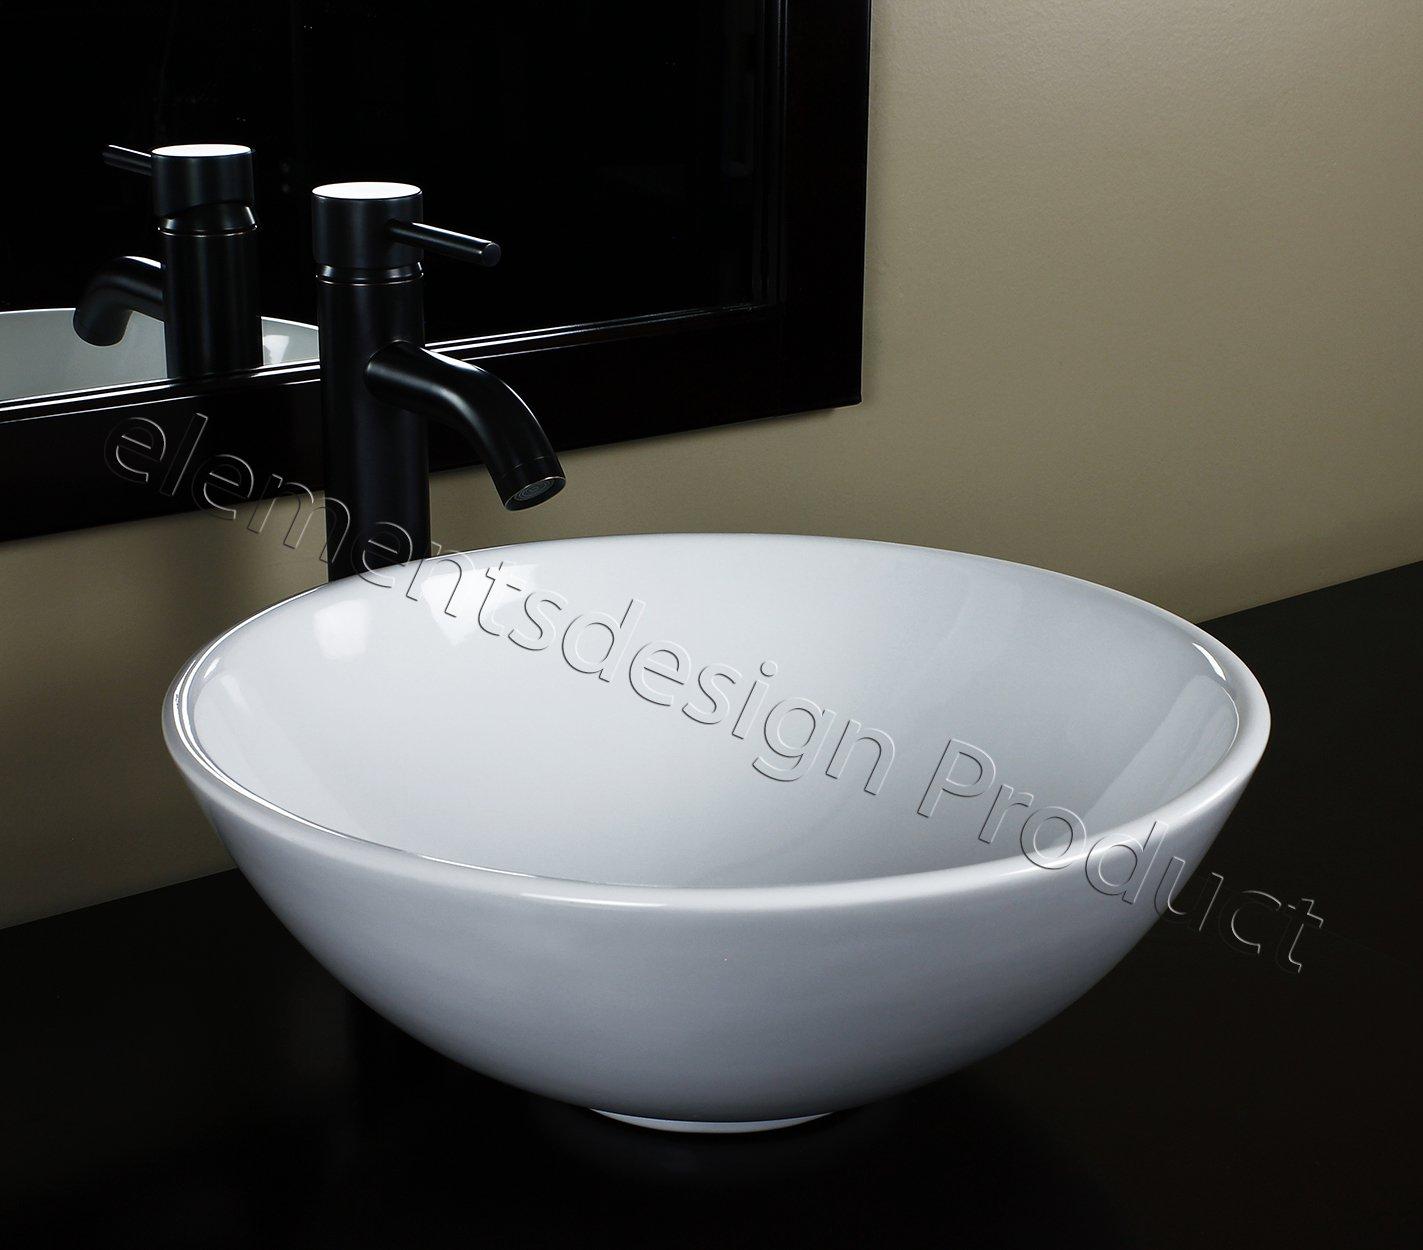 Bathroom Ceramic Porcelain Vessel Sink CV7226E3 Oil Bronze Faucet Drain by ELIMAX'S